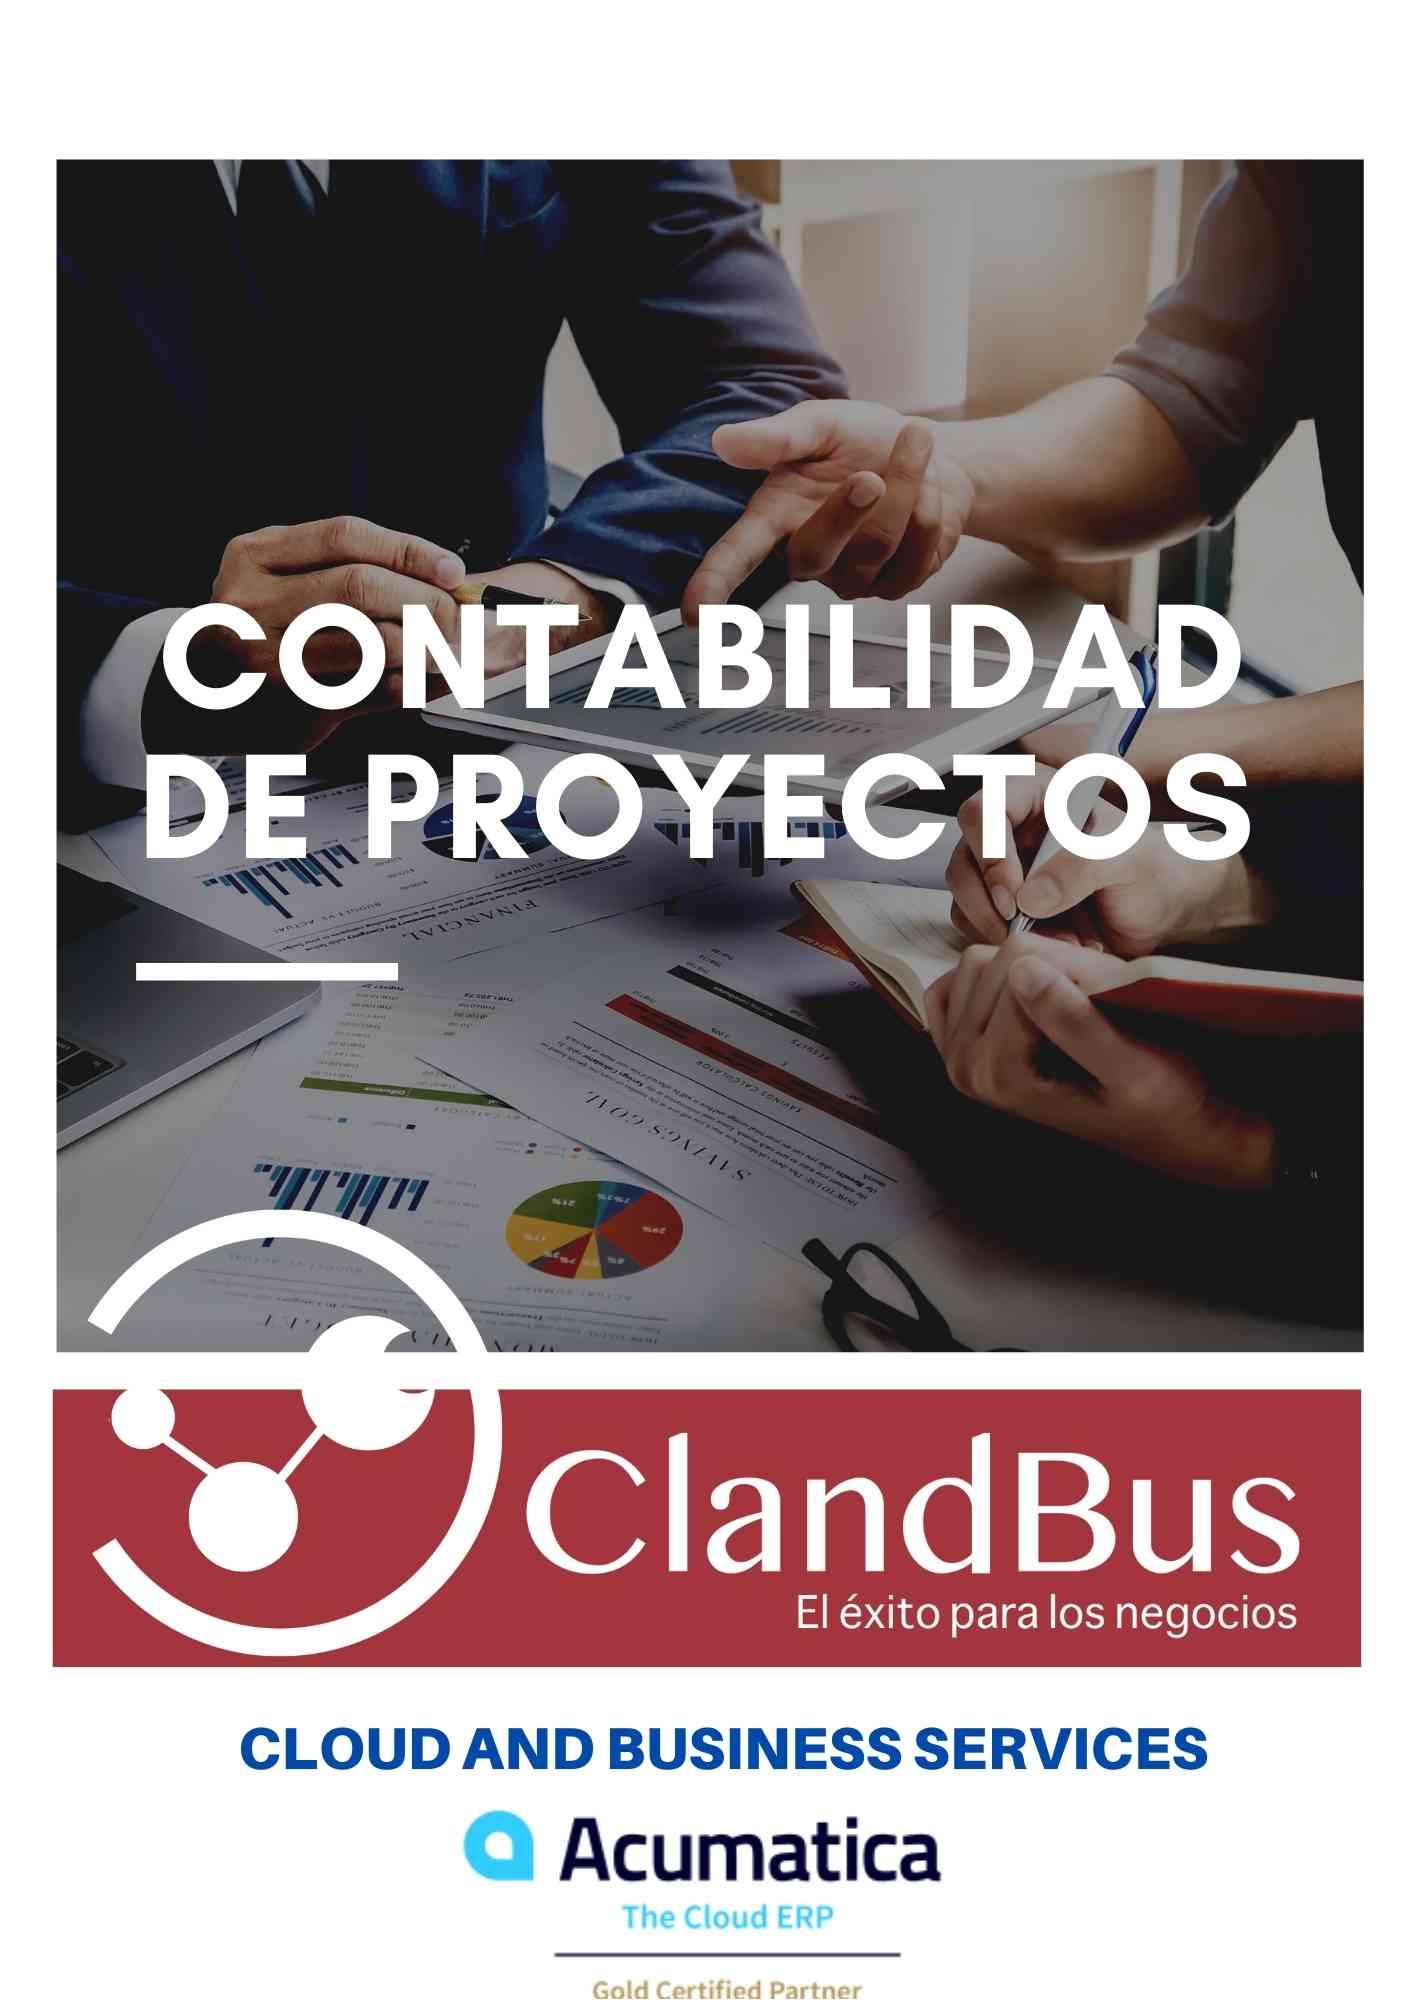 software para contabilidad - Conozca como se compone la solución de Contabilida para su empresa con las mejores prácticas de ClandBus